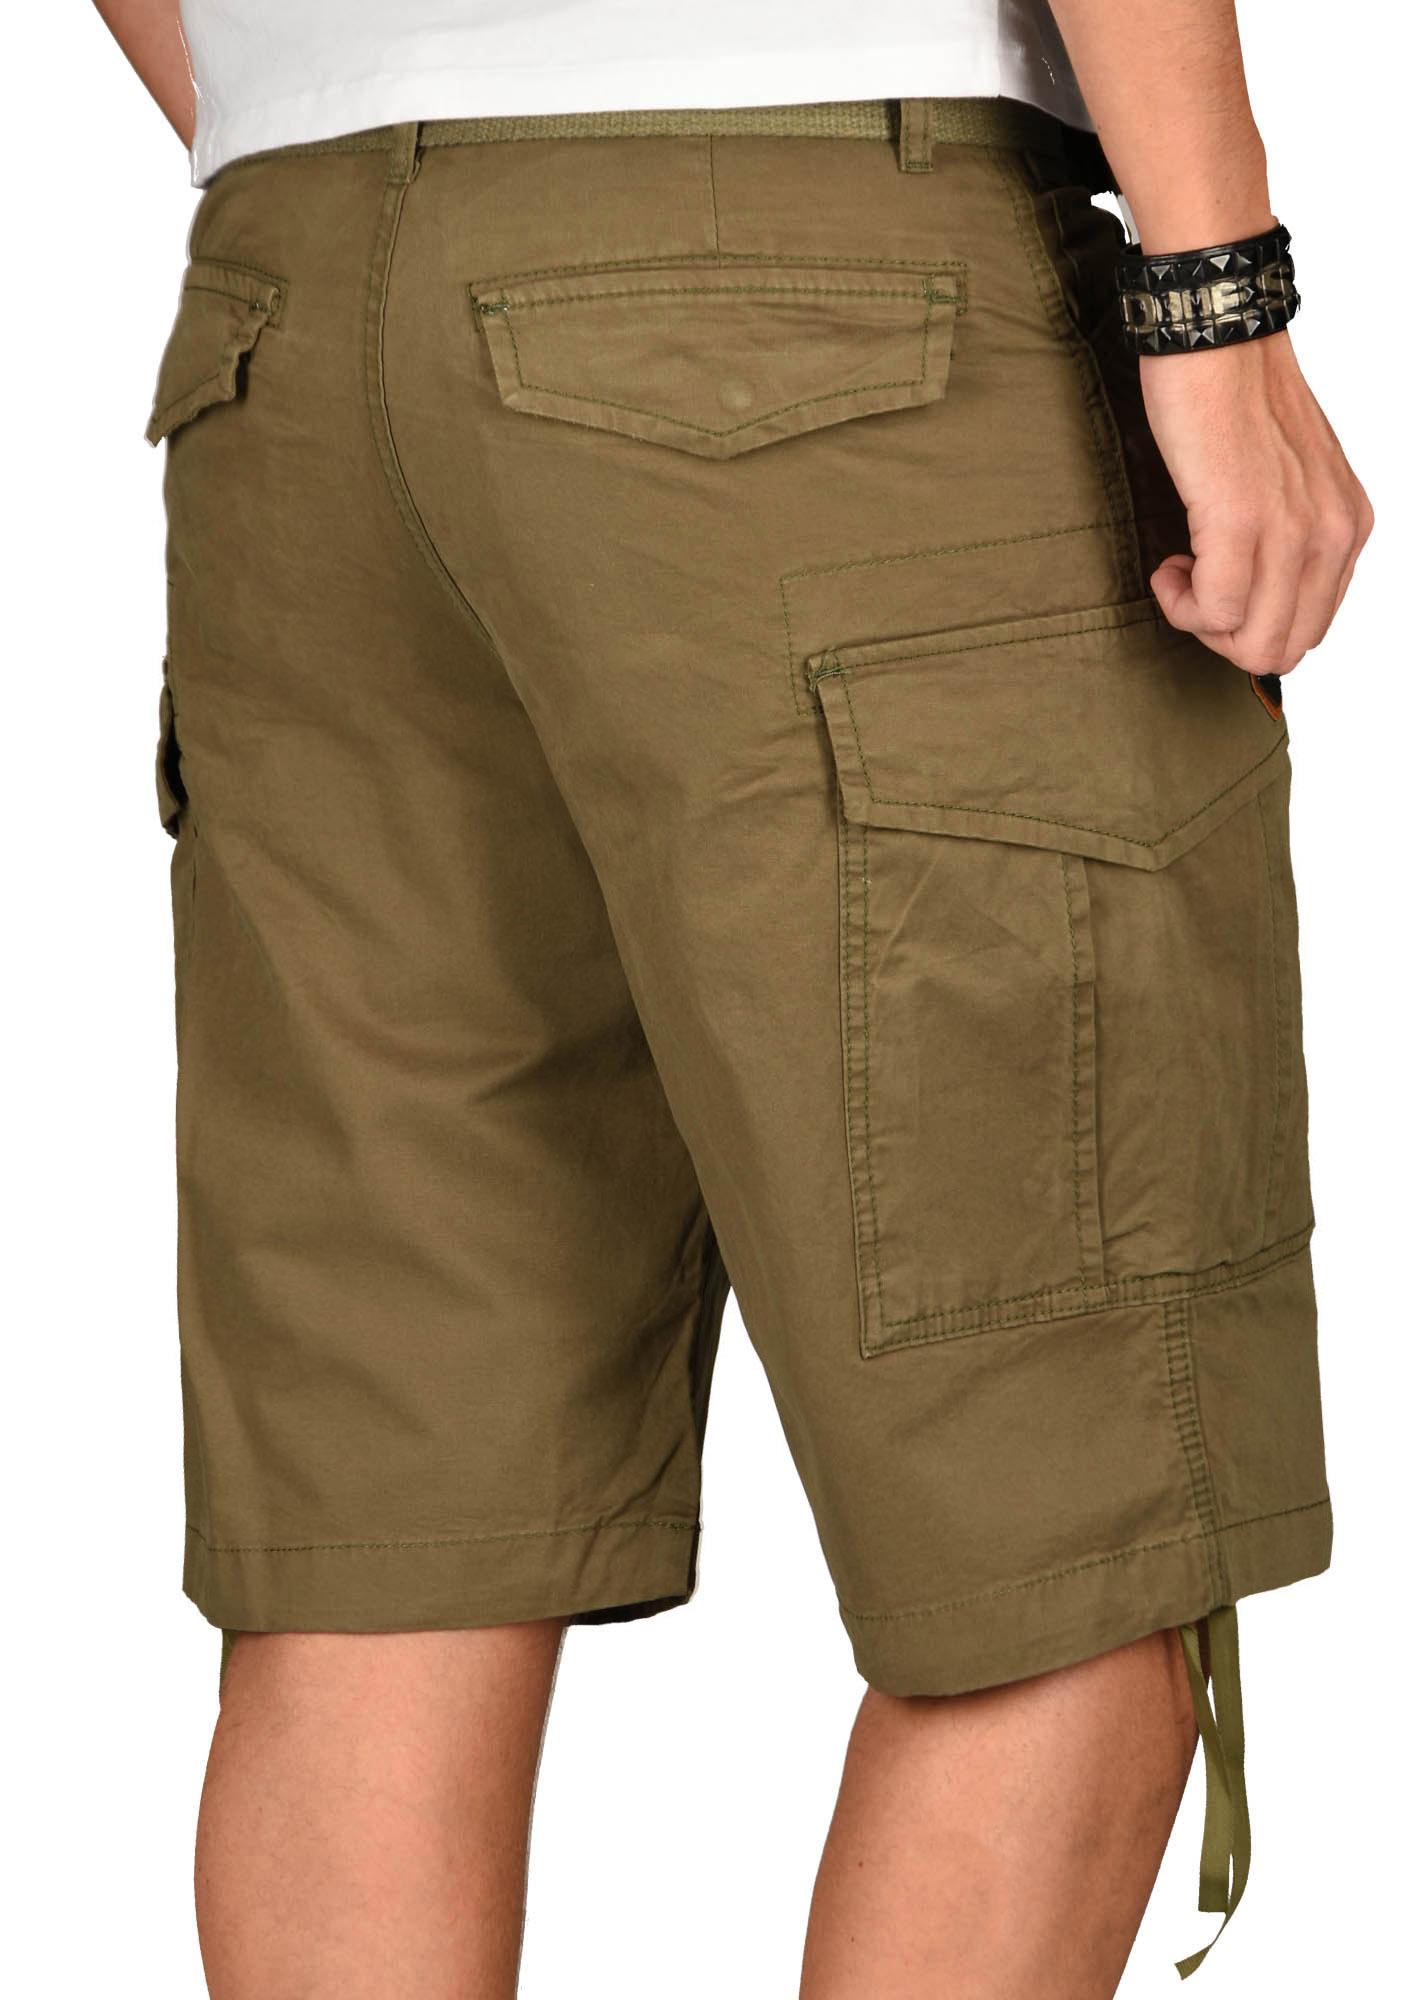 A-Salvarini-Herren-Comfort-Cargo-Shorts-Cargoshorts-kurze-Hose-Guertel-AS133-NEU Indexbild 24